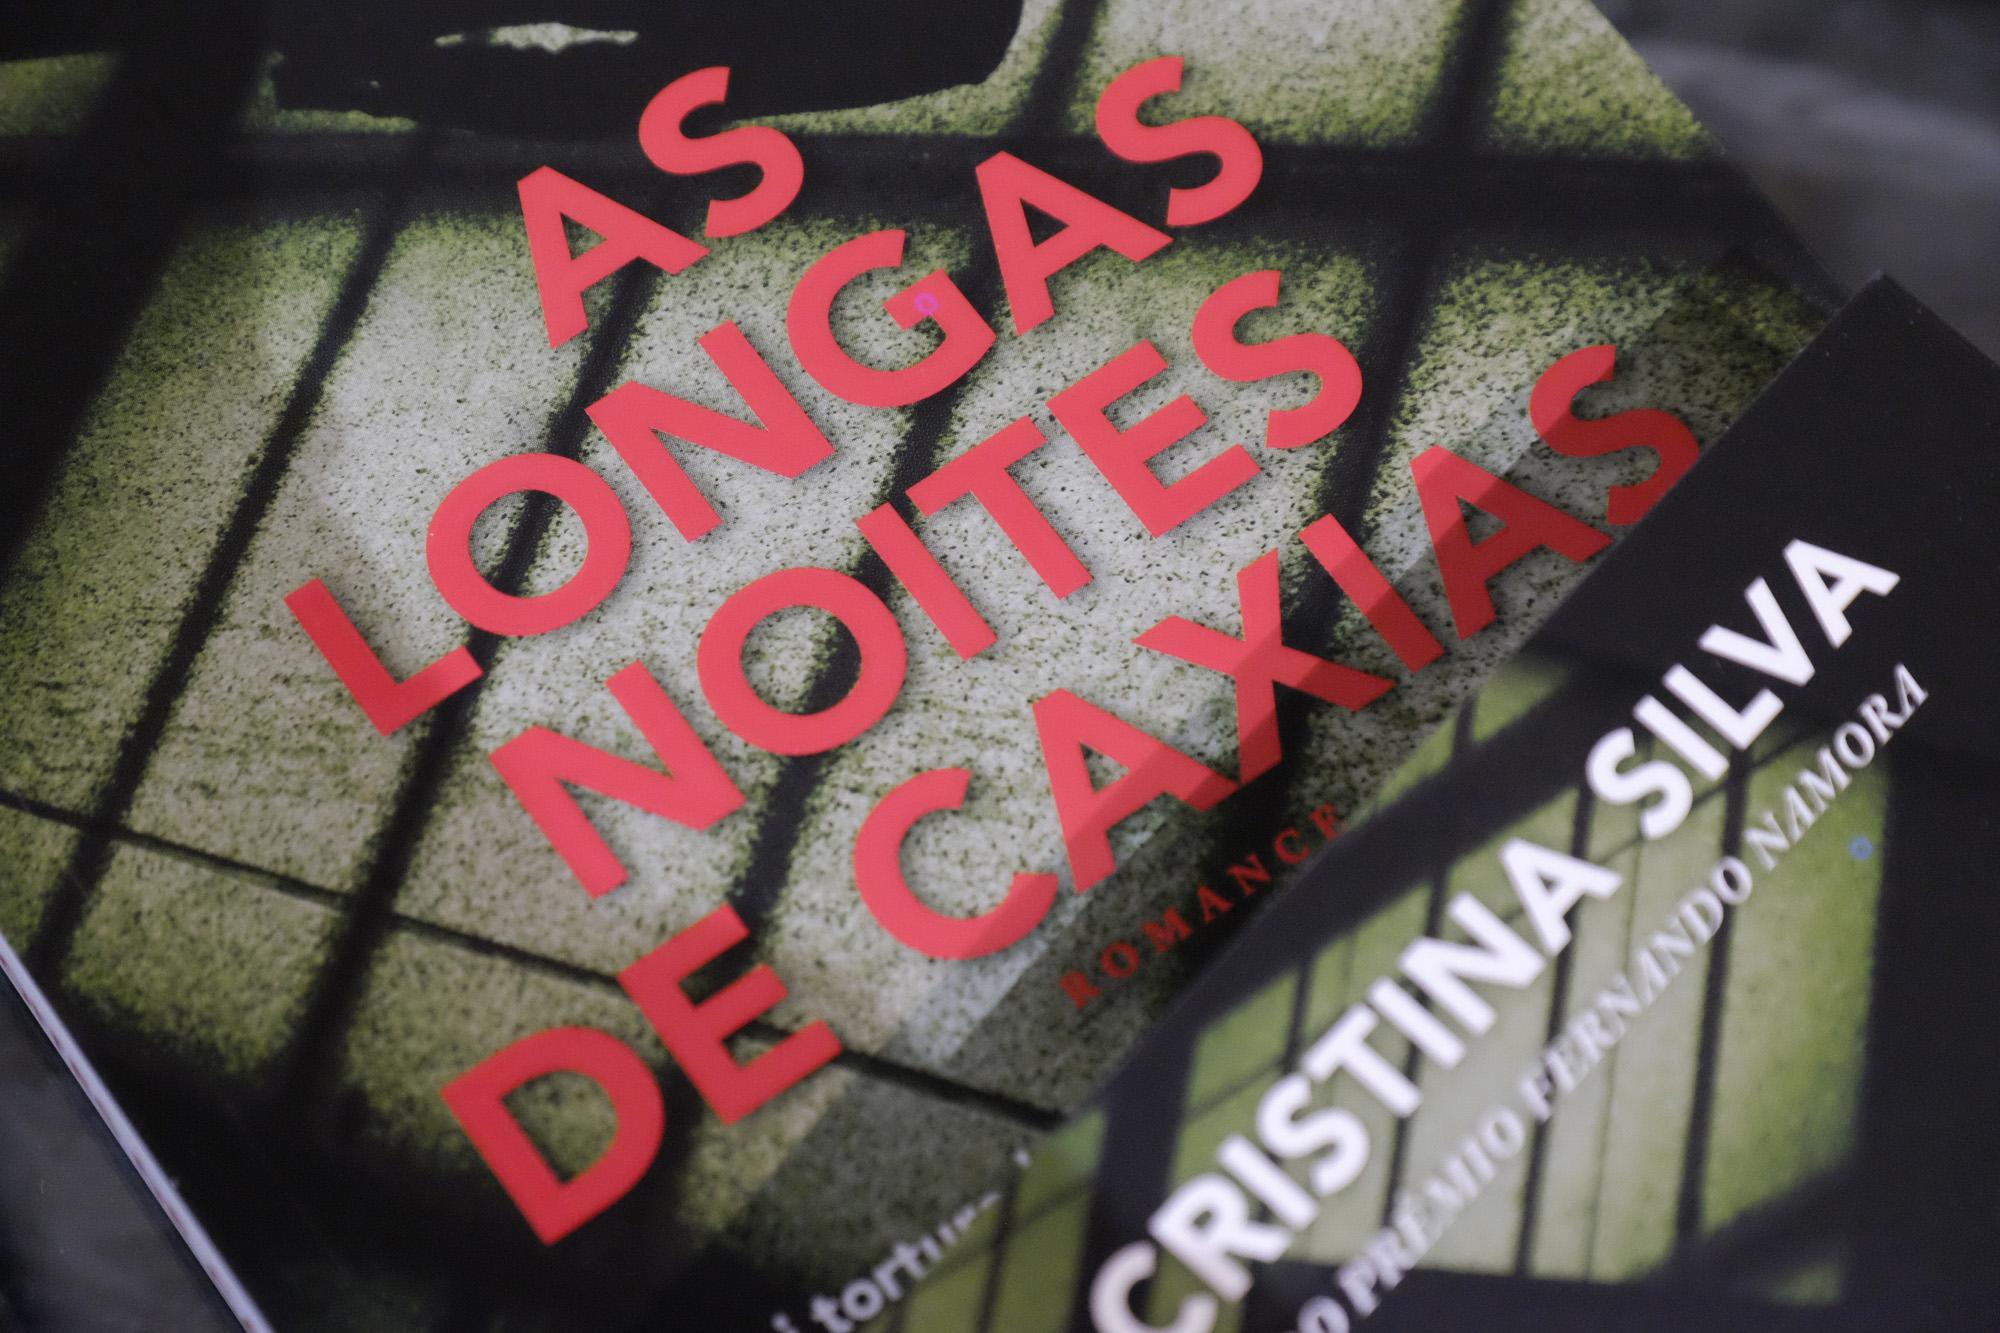 Capa do livro apresentado este sábado no Porto.